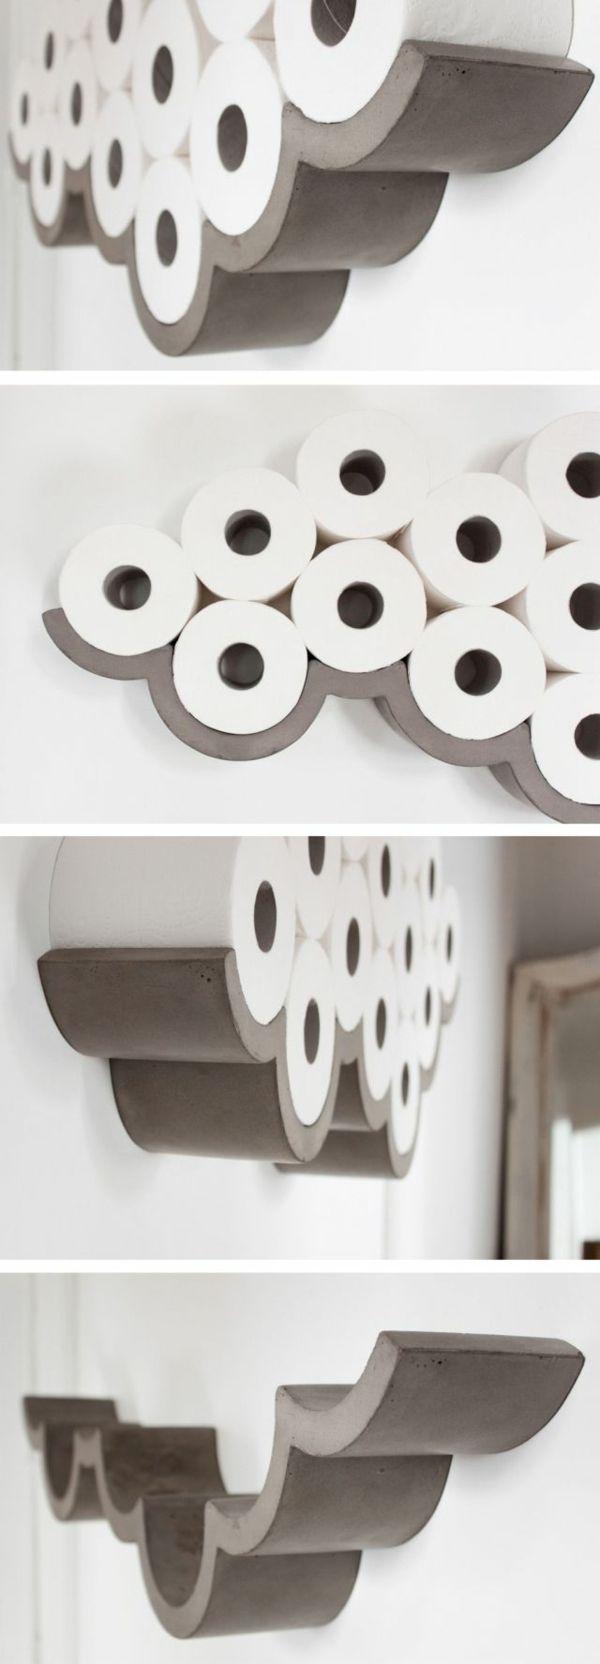 Produktdesign: Was bringt das Produkt mit dem Design zusammen?